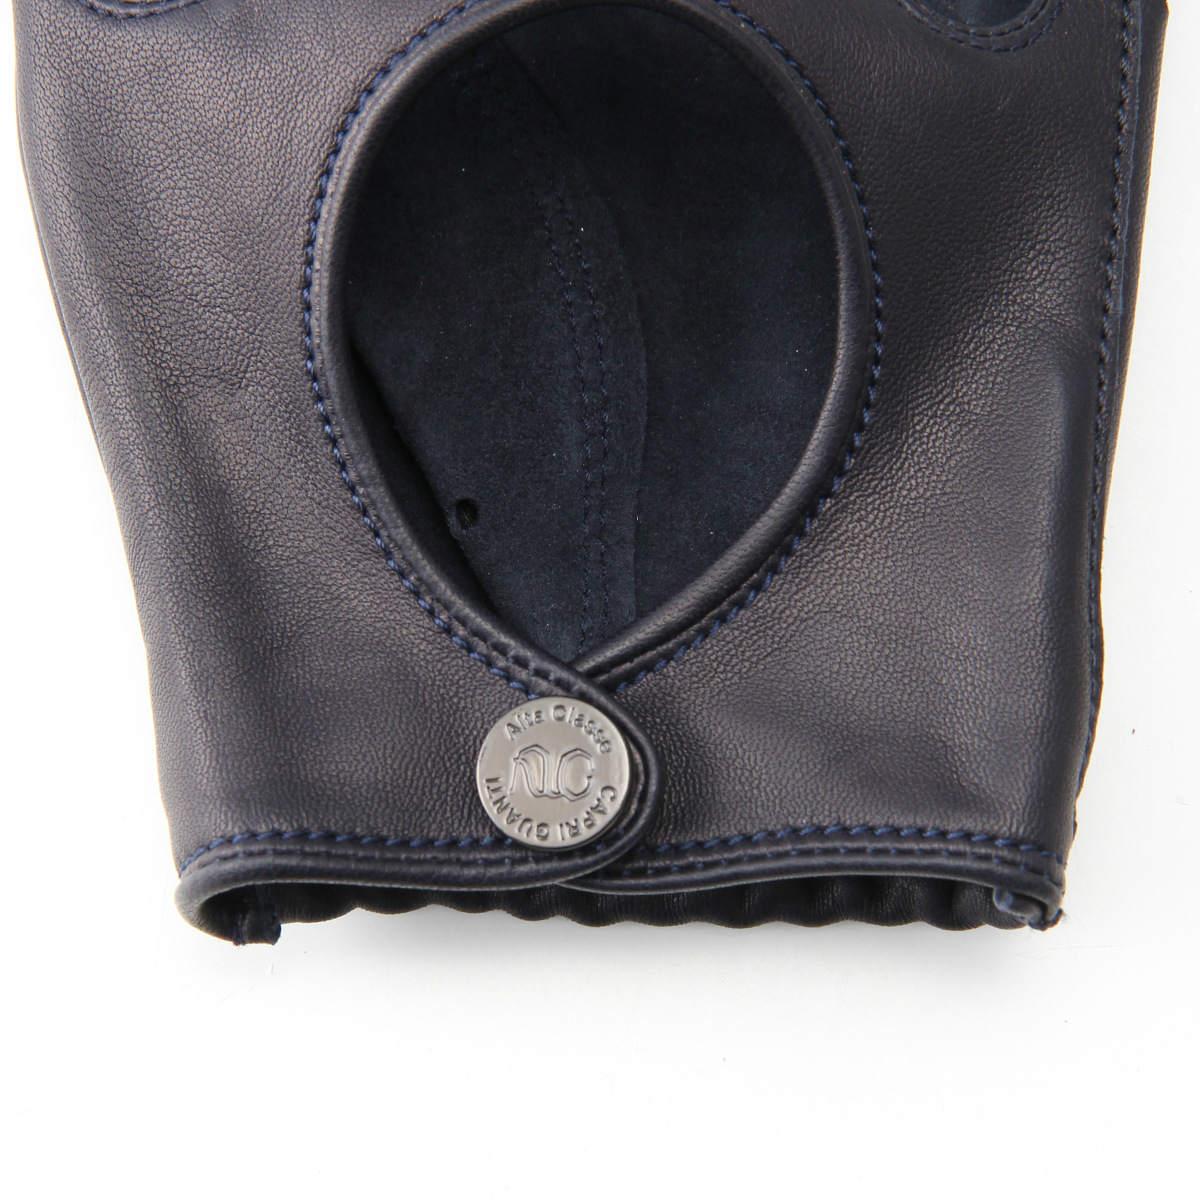 半指 本革 ドライビンググローブ メンズ 羊革 プロ仕様 アルタクラッセ カプリガンティ ネイビー 保存袋付き 専用箱入り